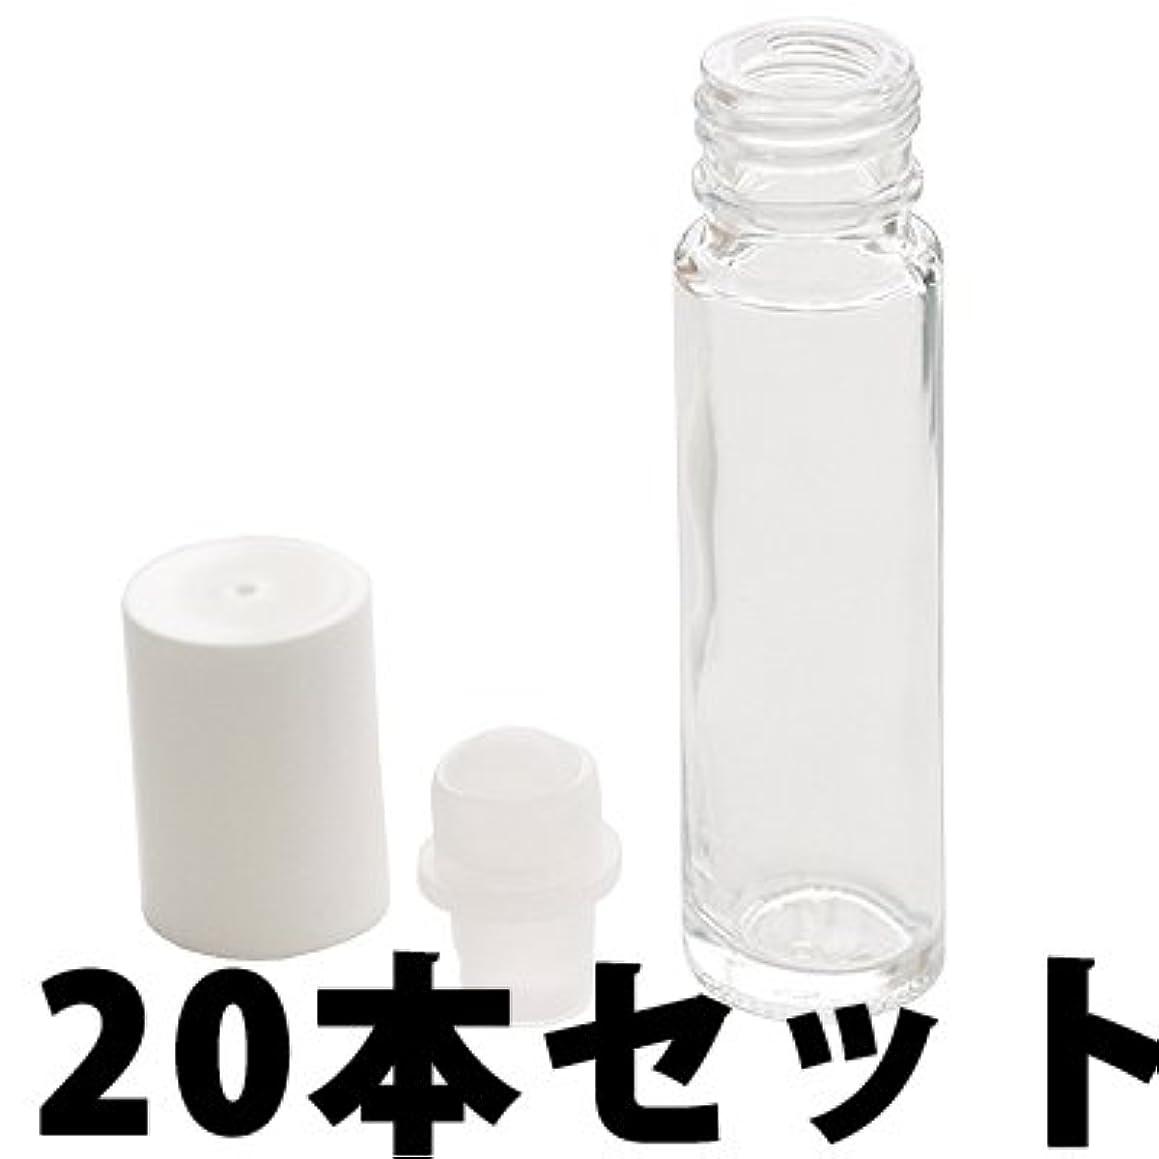 意識パイロット欠乏ロールオンボトル10ml 白キャップ×20本セット アトマイザーロールオンガラスボトル